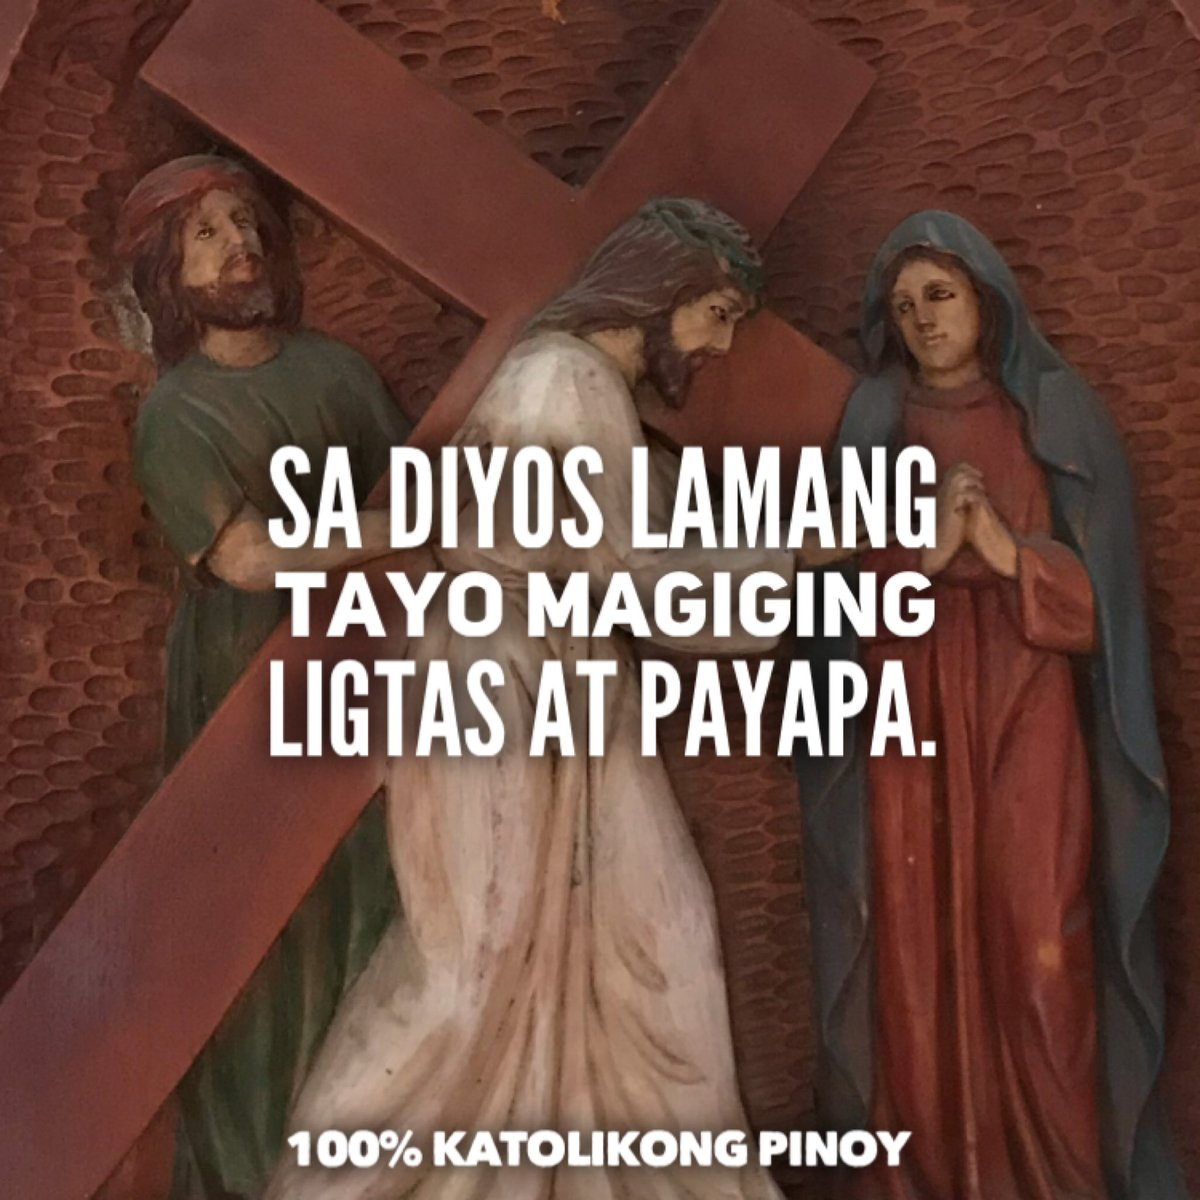 Sa Diyos lamang tayo magiging ligtas at payapa. 🙏